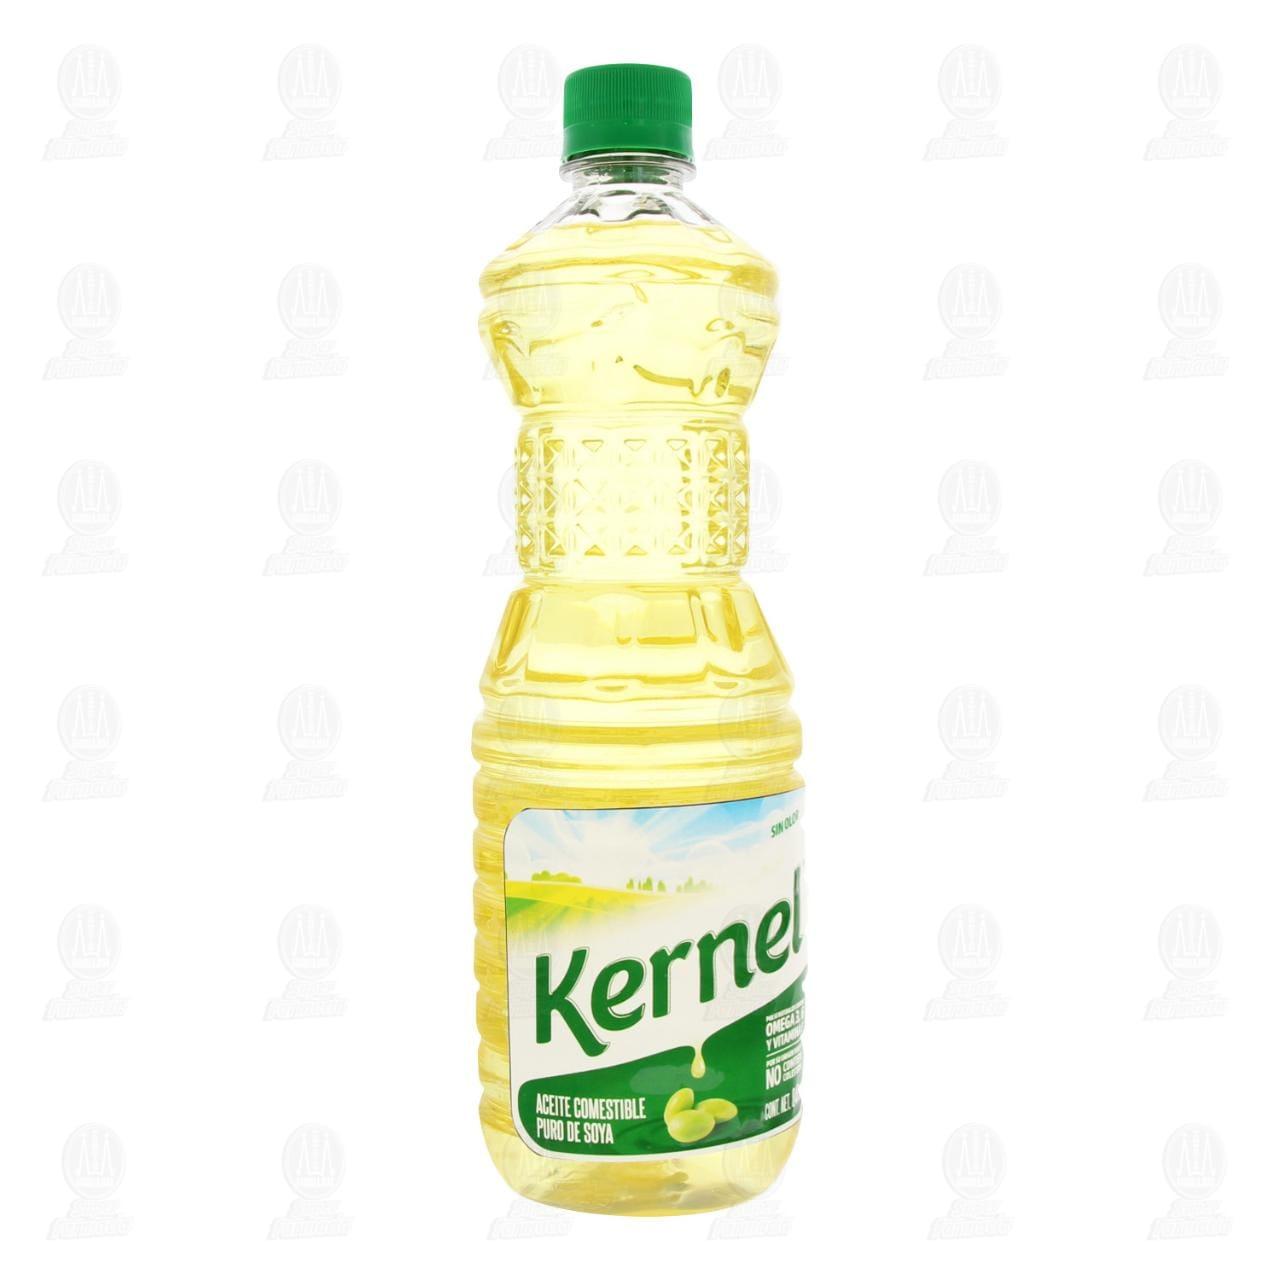 Aceite Comestible Kernel Puro de Soya, 900 ml.